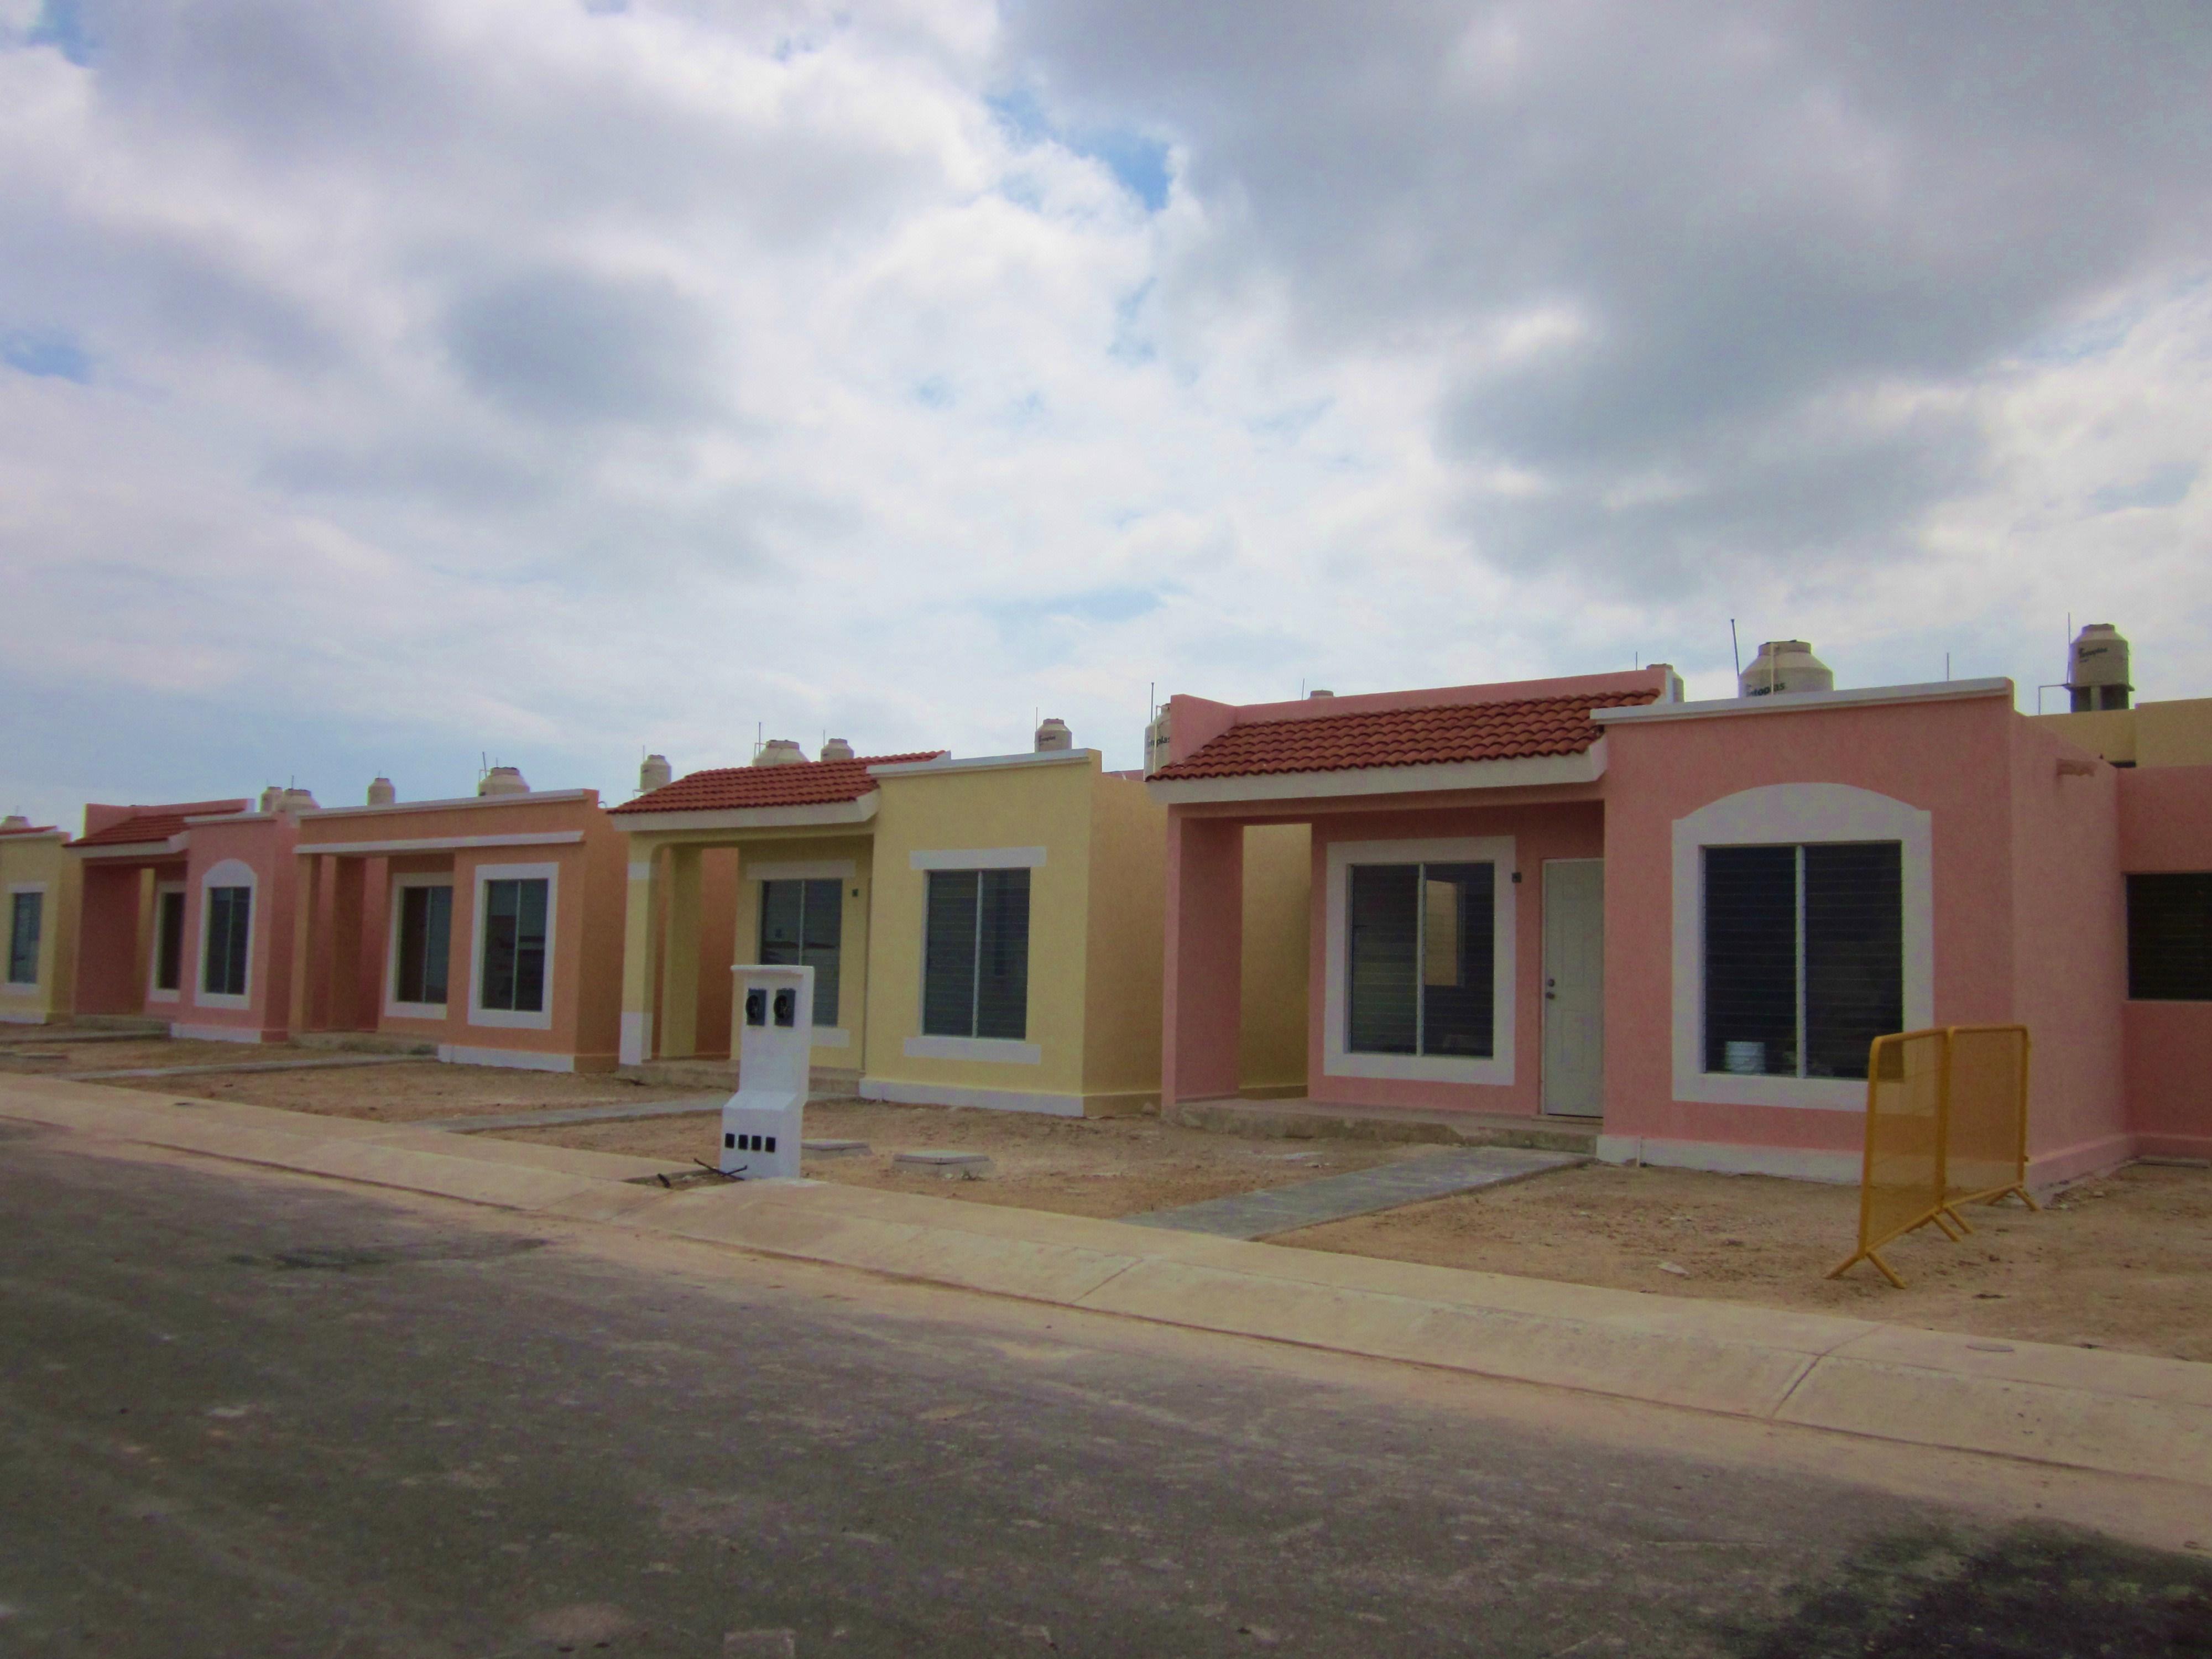 Casas Económicas Pueden Tener Daños Físicos y Estructurales: Armando Tostado